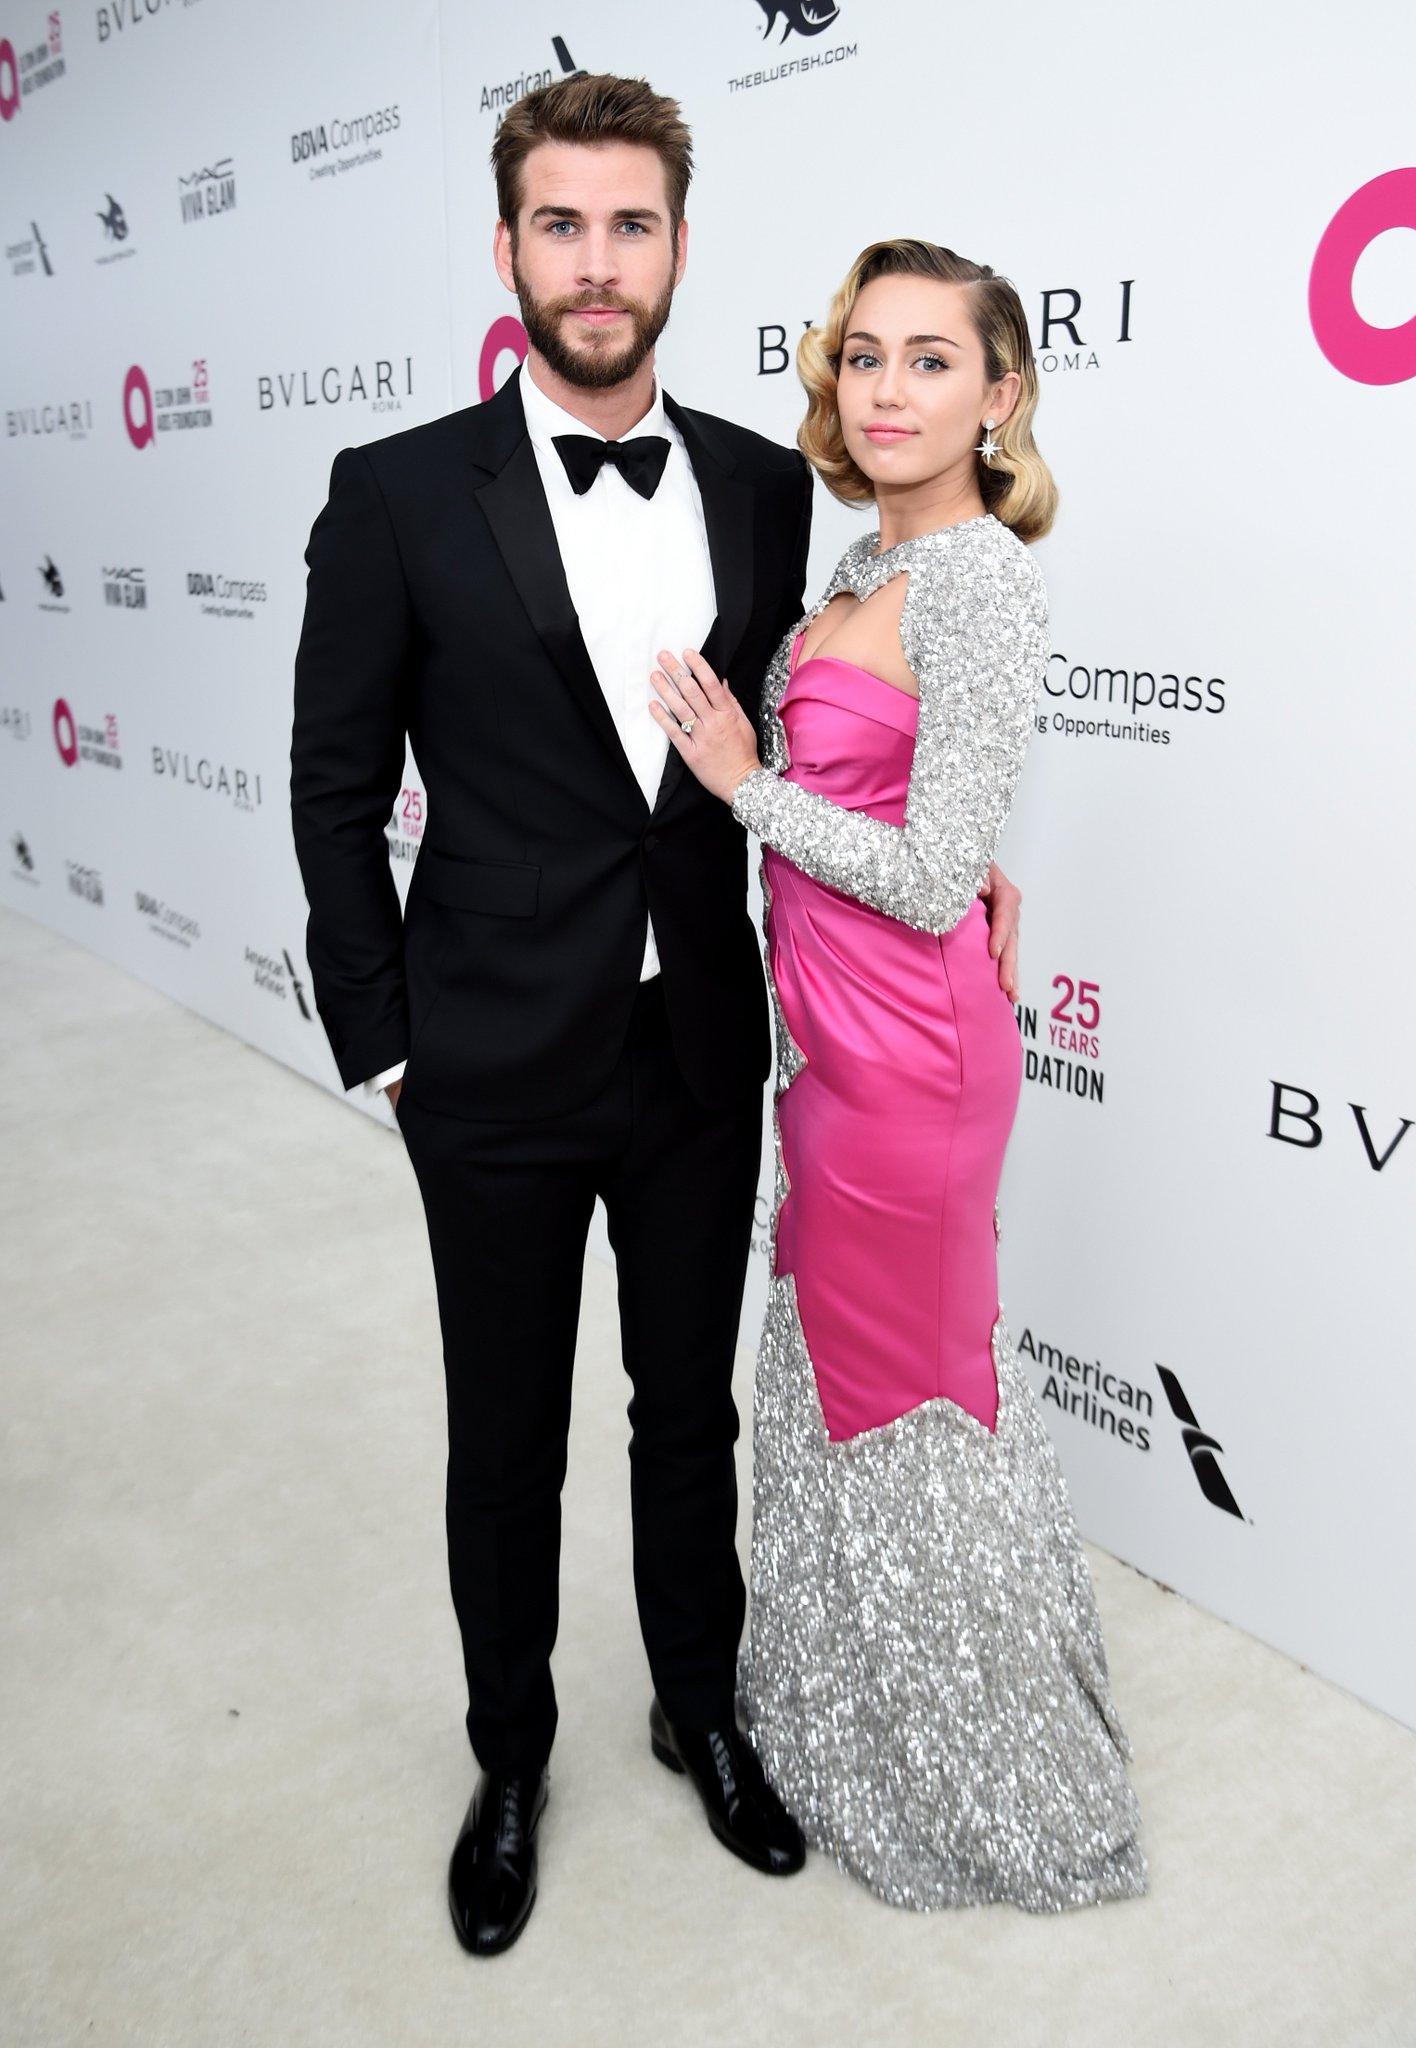 Cute couple alert! �� #Oscars https://t.co/V4IOlyUIvK